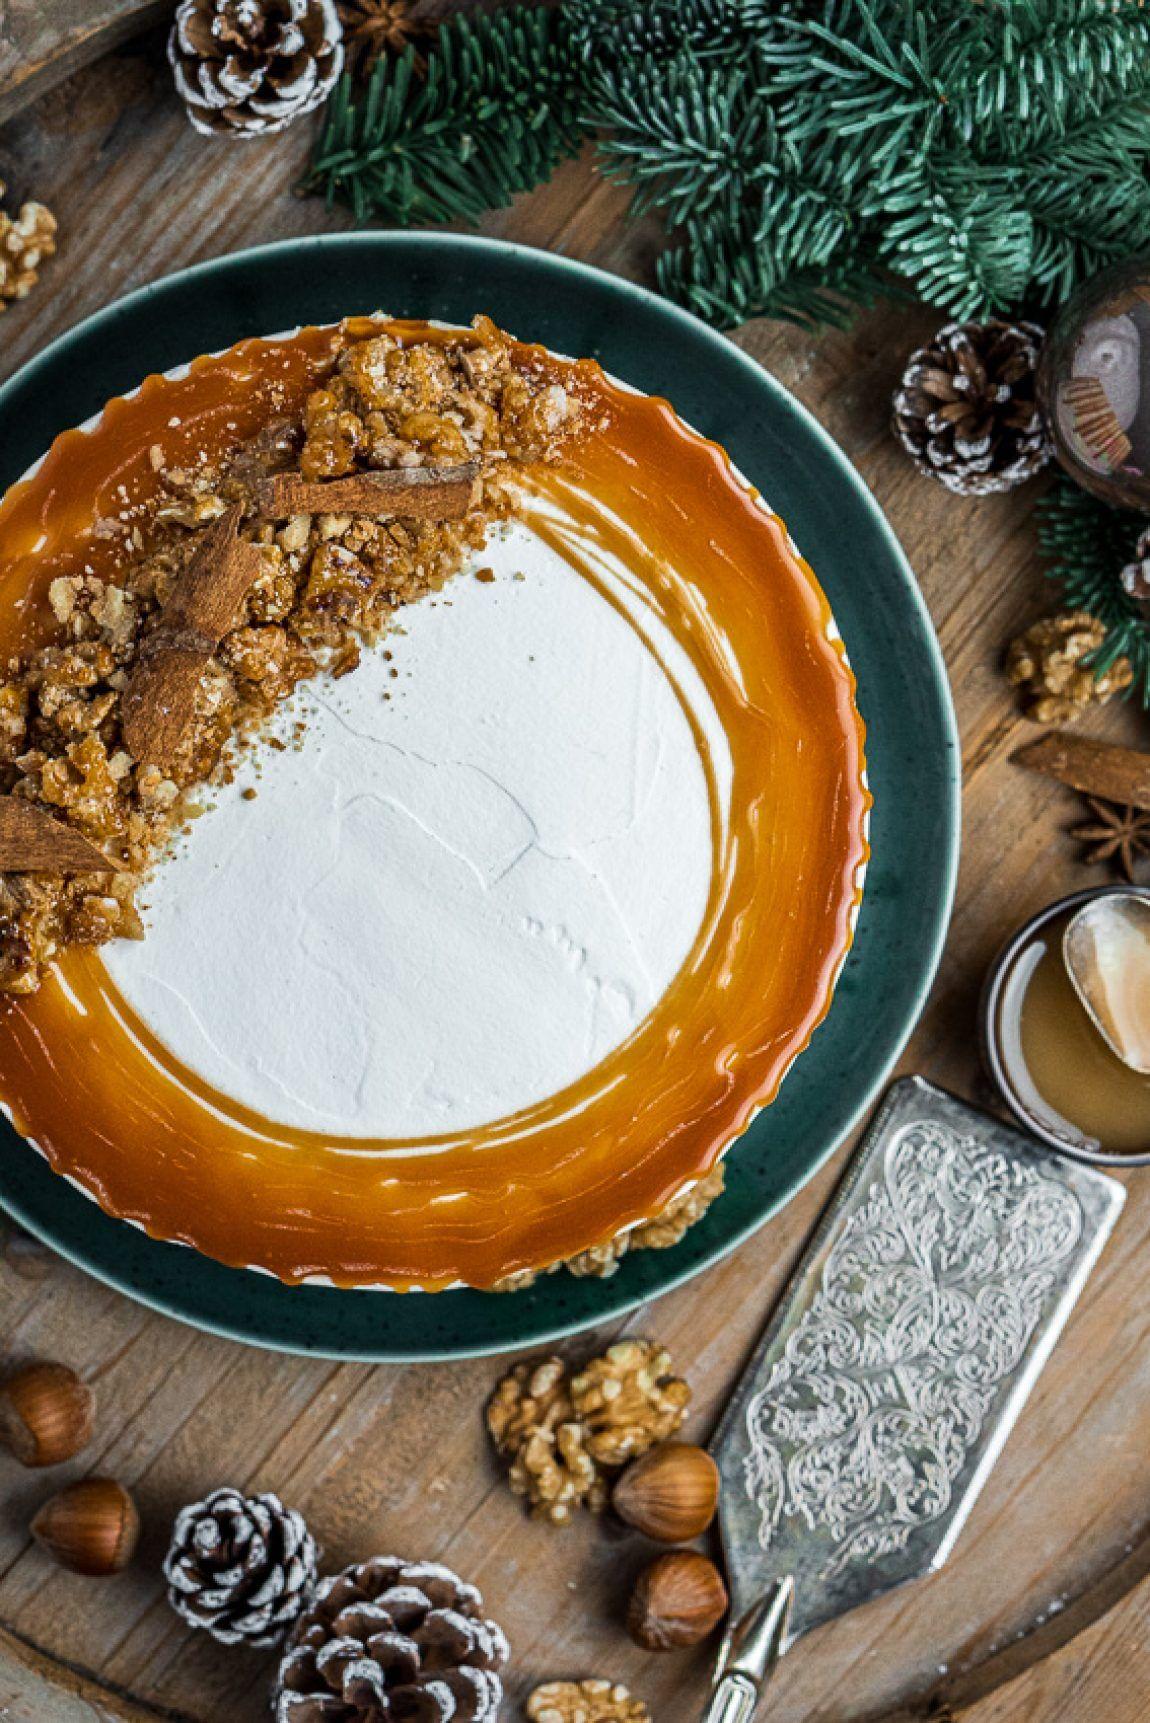 Kindheitserinnerung Honigtorte Mit Milchmadchencreme In 2020 Lebensmittel Essen Rezepte Essensrezepte